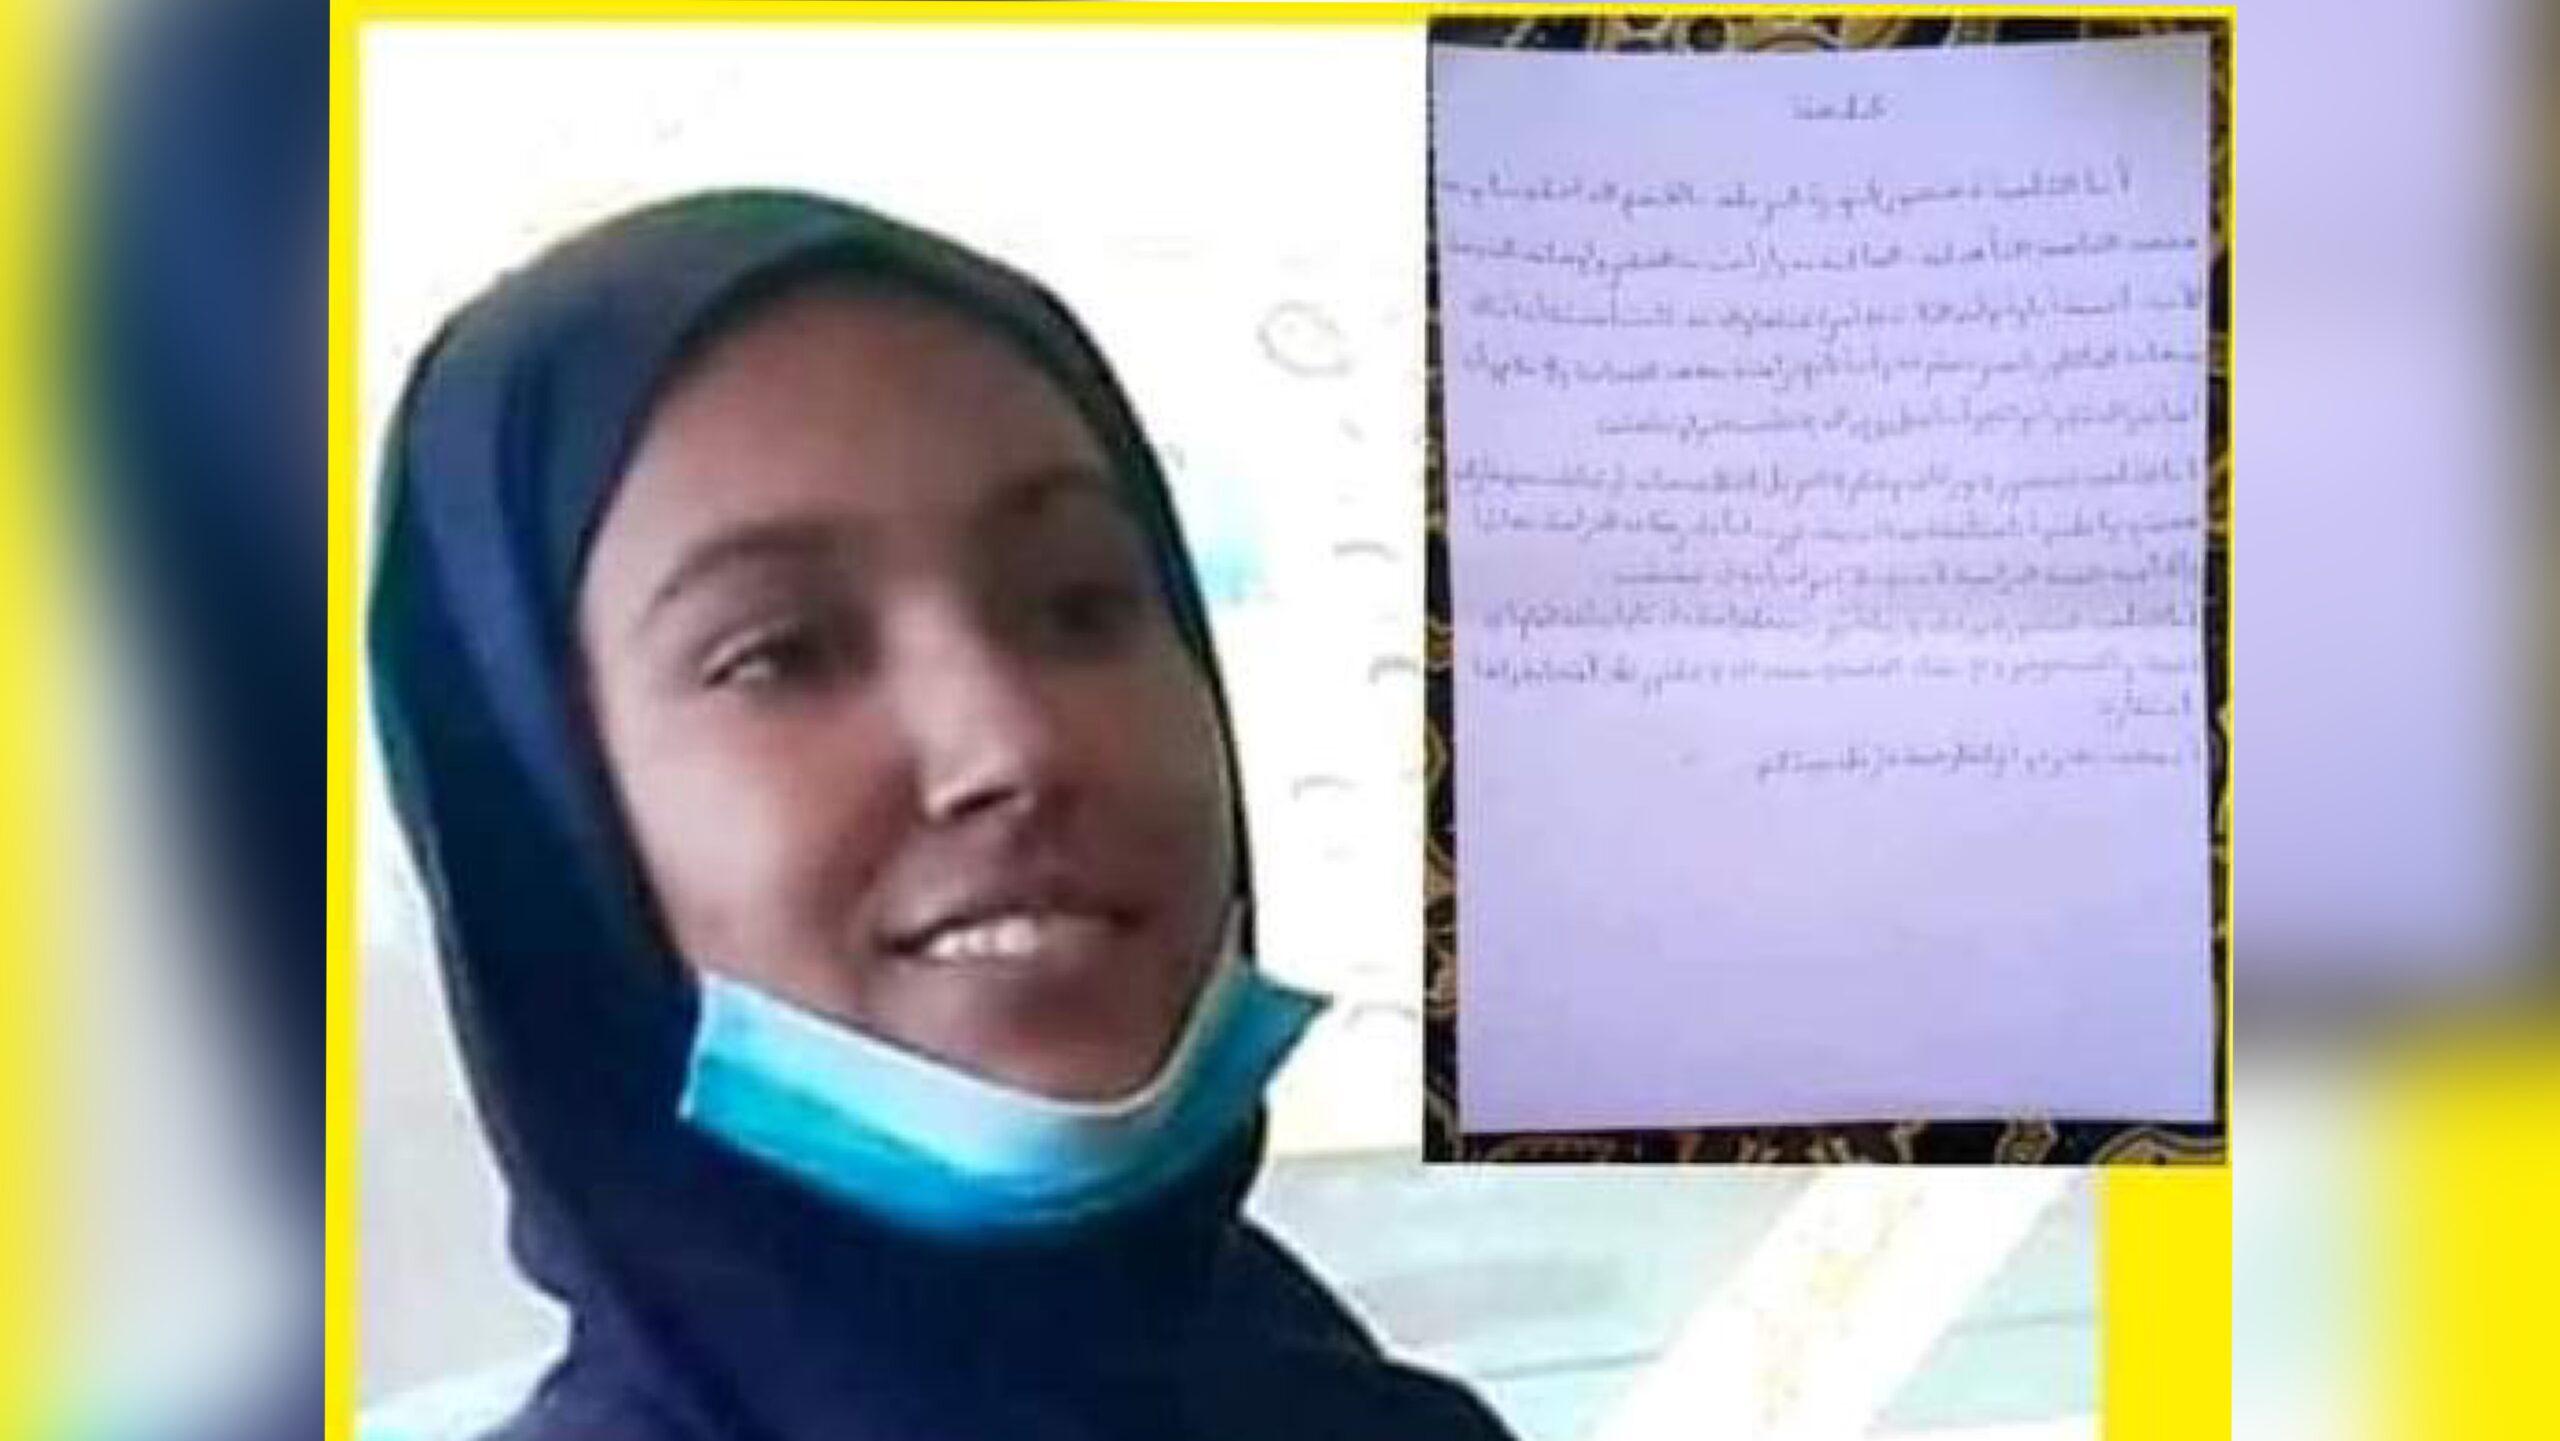 صورة بعد اتهامها بالغش .. تلميذة متفوقة تعلن مغادرة الدراسة في رسالة مؤثرة